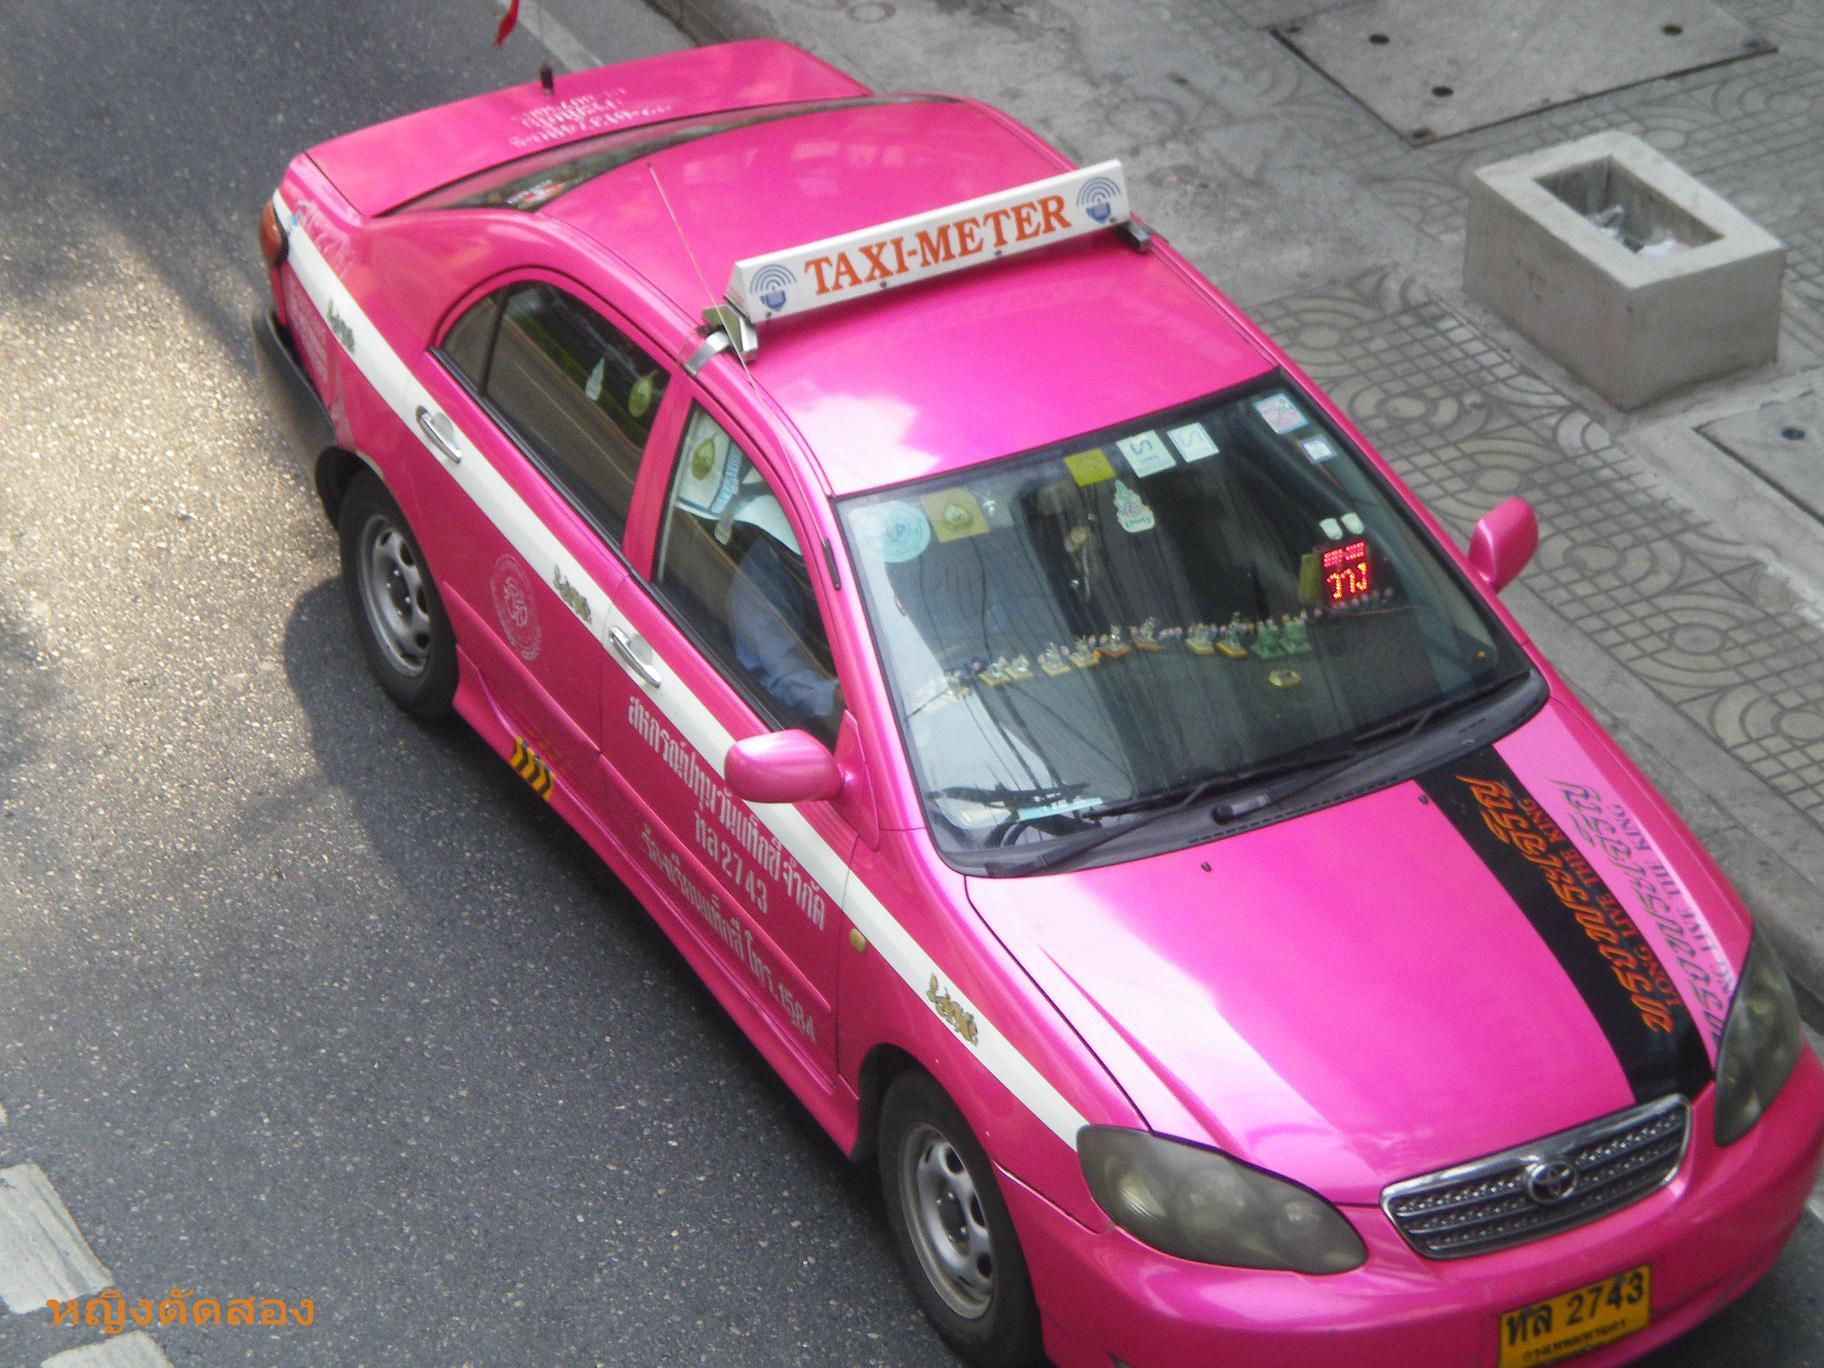 pinktaxi.jpg